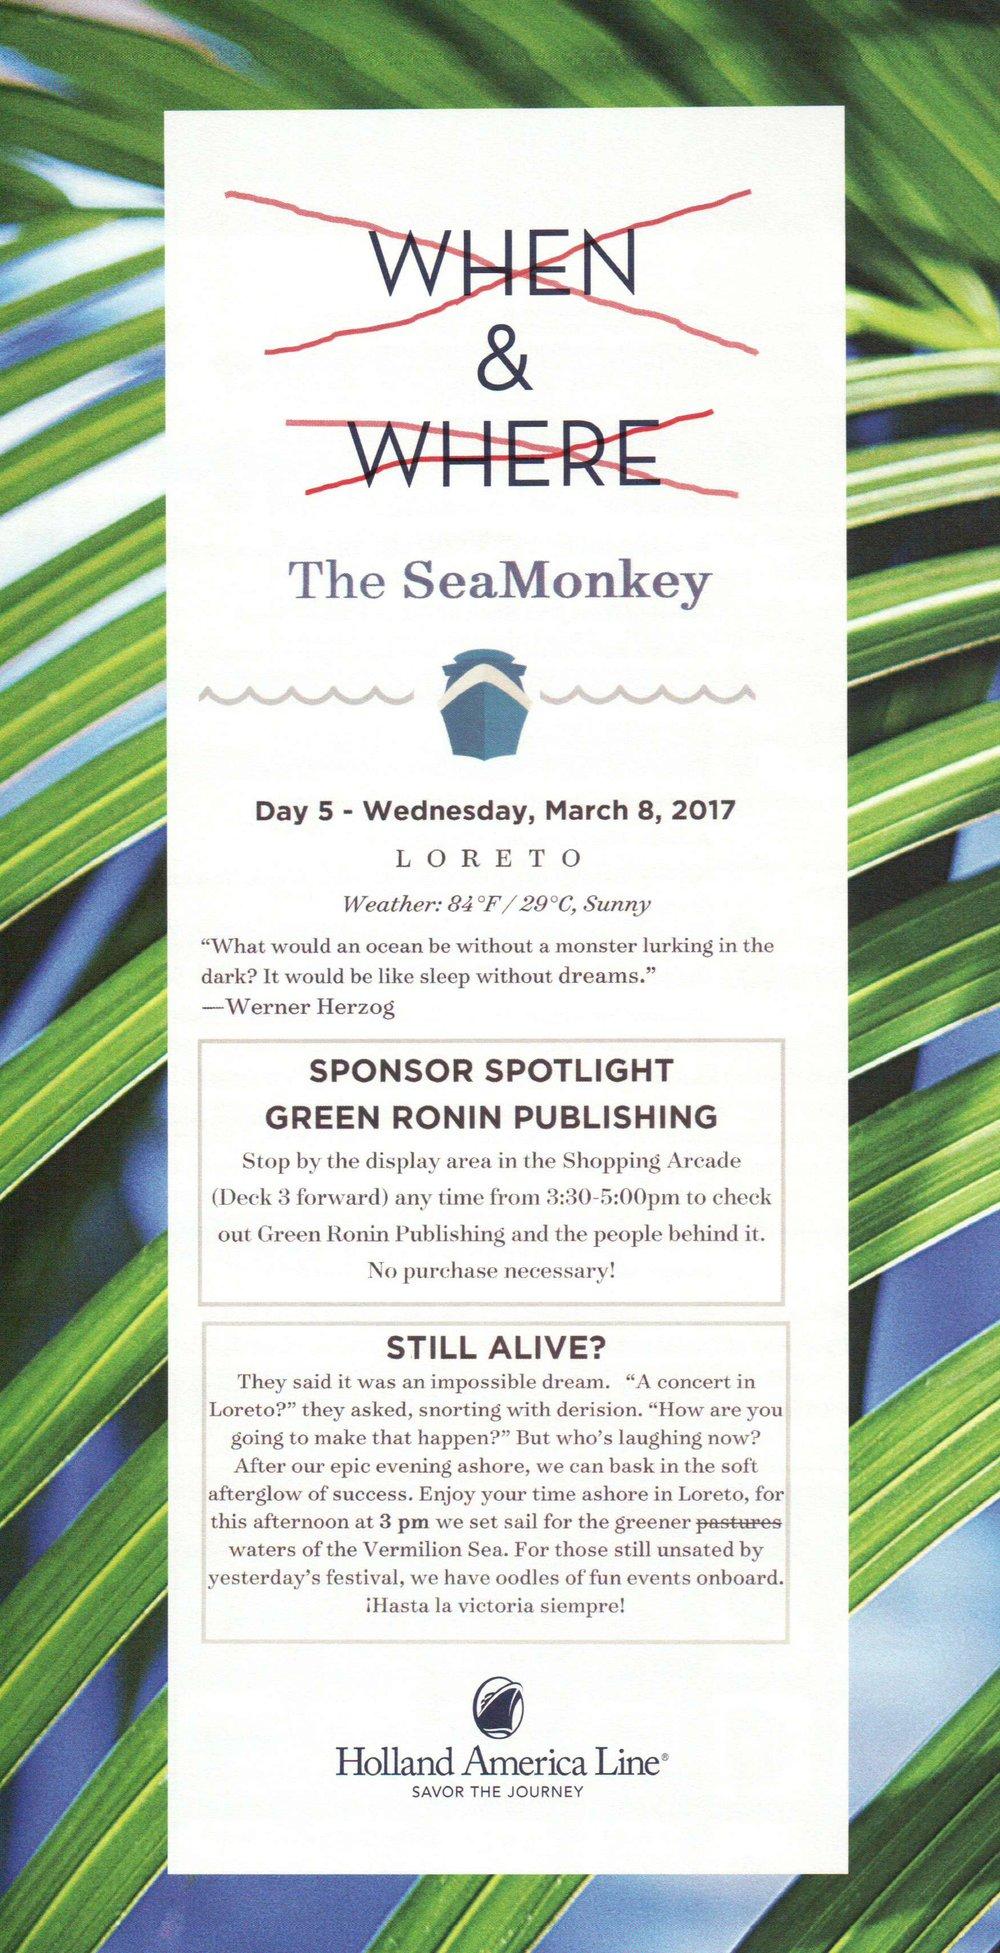 SeaMonkey Day 5